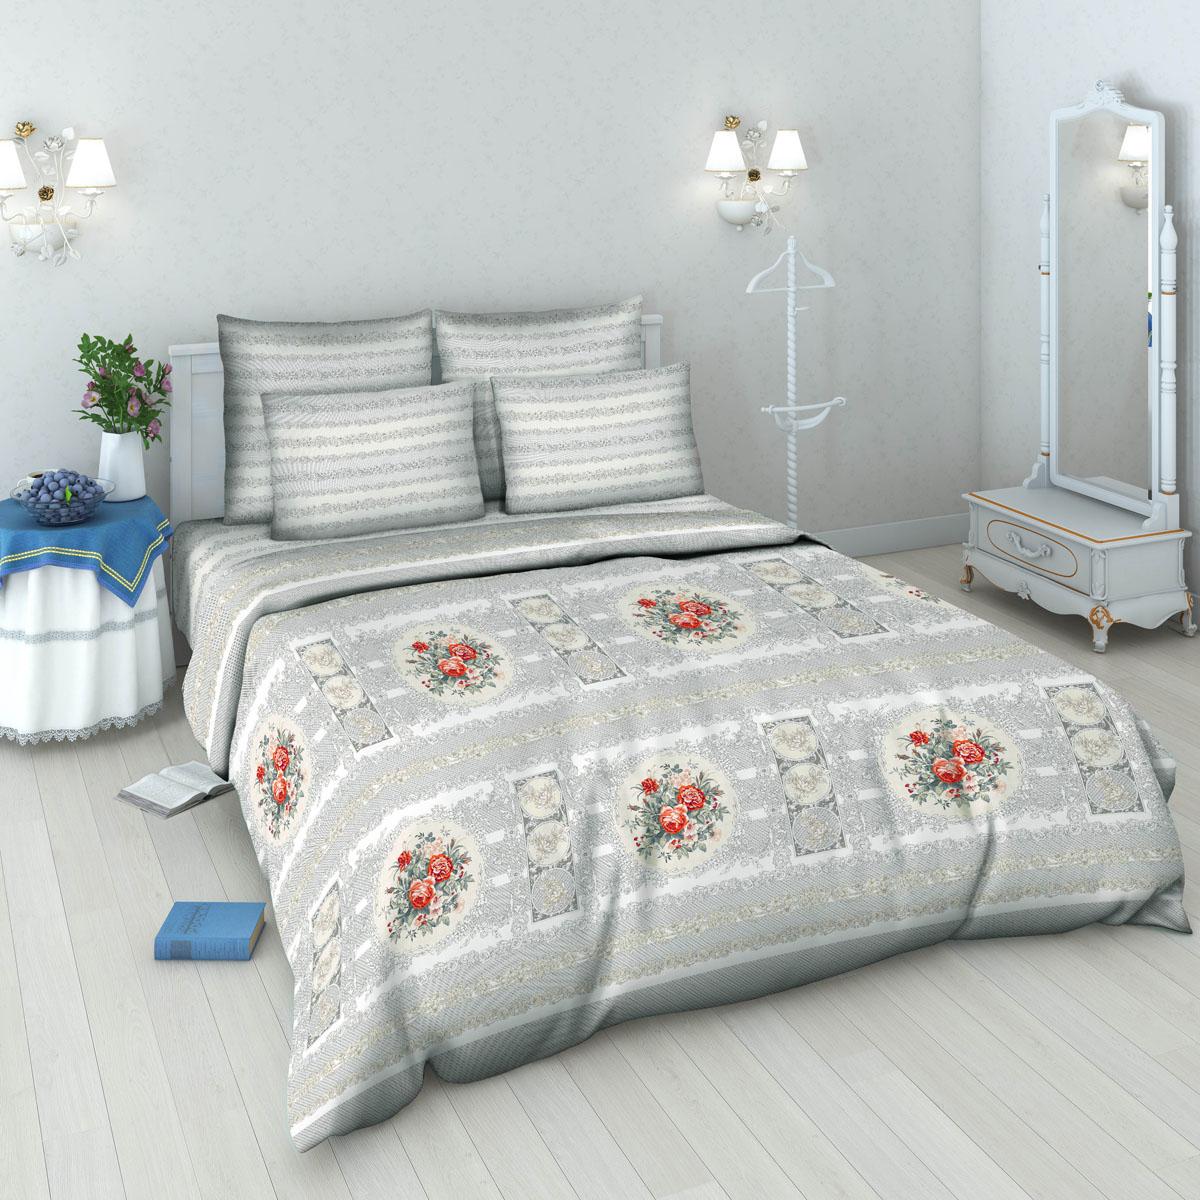 Комплект белья Василиса, 1,5-спальный, наволочки 70х70. 5378_1/1,55378_1/1,5Комплект постельного белья Василиса состоит из пододеяльника, простыни и двух наволочек. Белье производится из высококачественной бязи (100% хлопка).Использование особо тонкой пряжи делает ткань мягче на ощупь, обеспечивает легкое глажение и позволяет передать всю насыщенность цветовой гаммы. Благодаря более плотному переплетению нитей и использованию высококачественных импортных красителей постельное белье выдерживает до 70 стирок.Приобретая комплект постельного белья Василиса, вы можете быть уверены в том, что покупка доставит вам удовольствие и подарит максимальный комфорт.